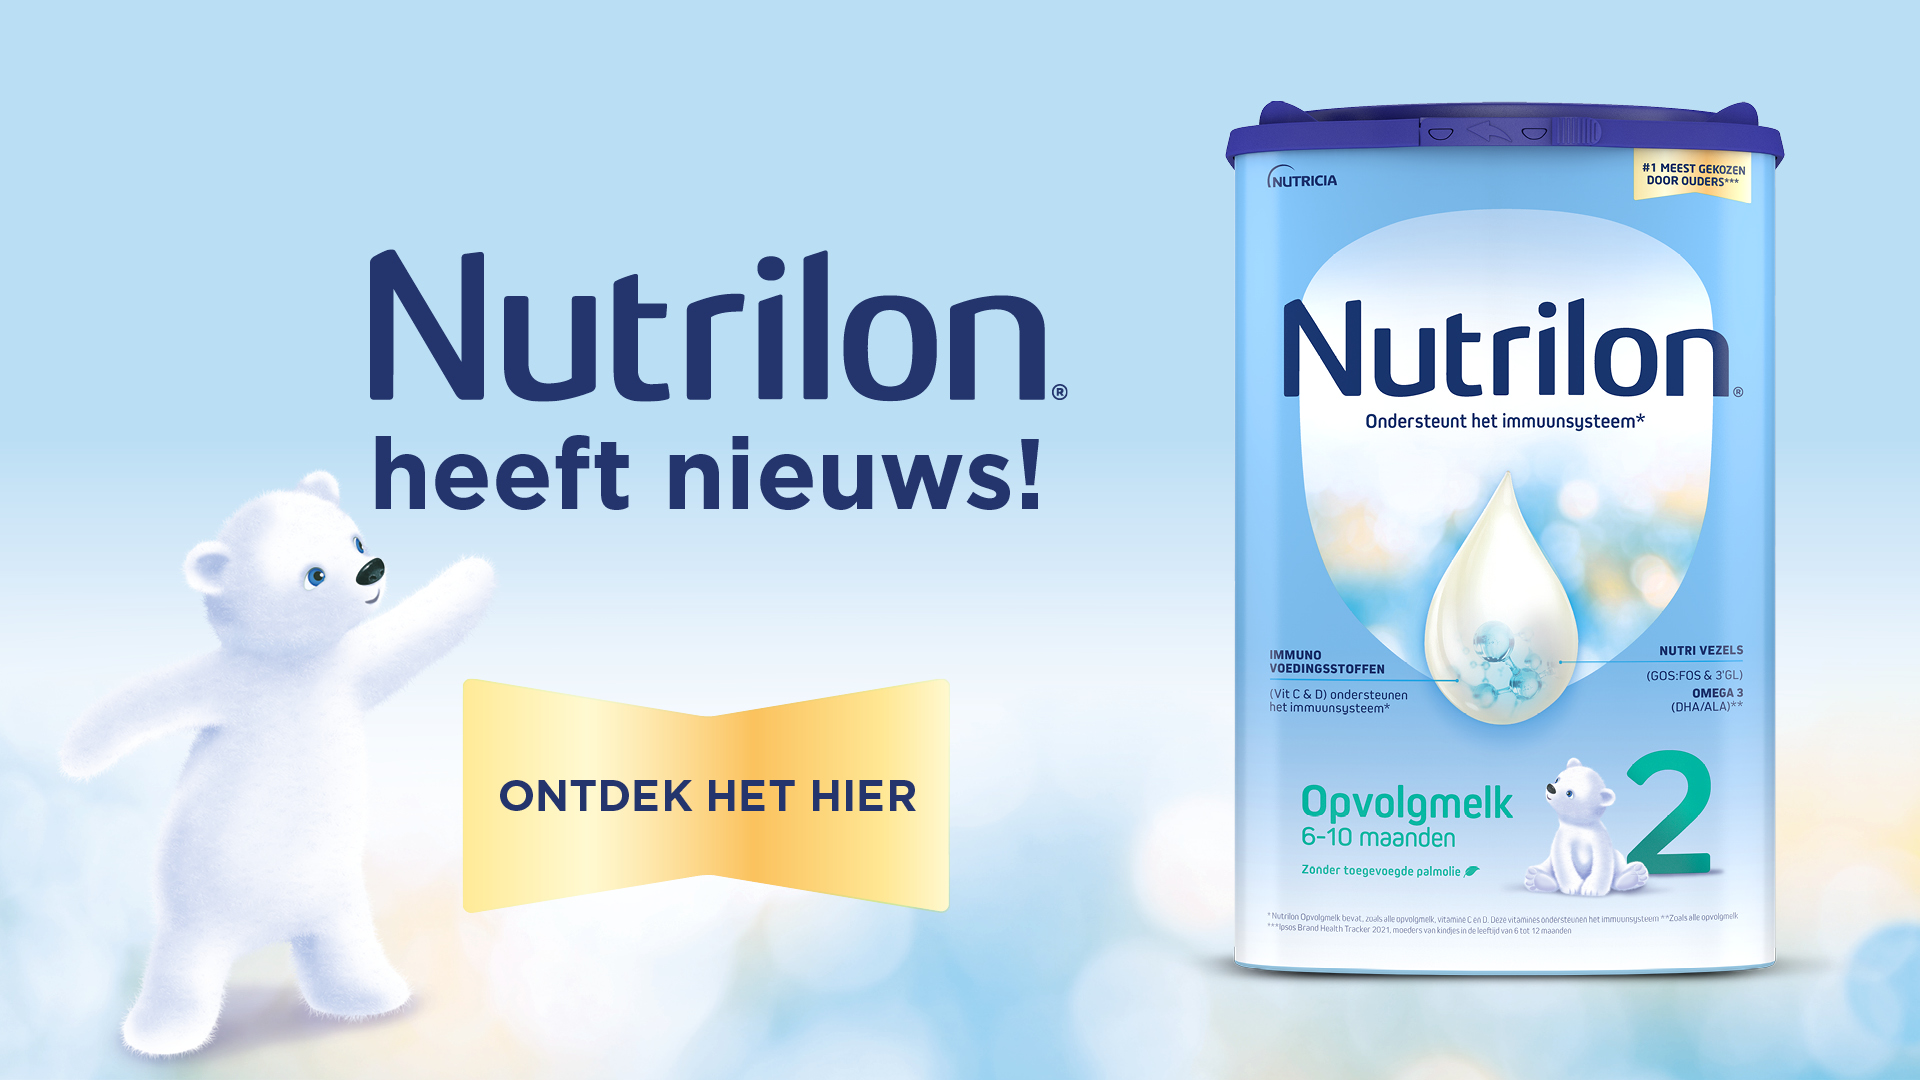 Nutrilon heeft nieuws!